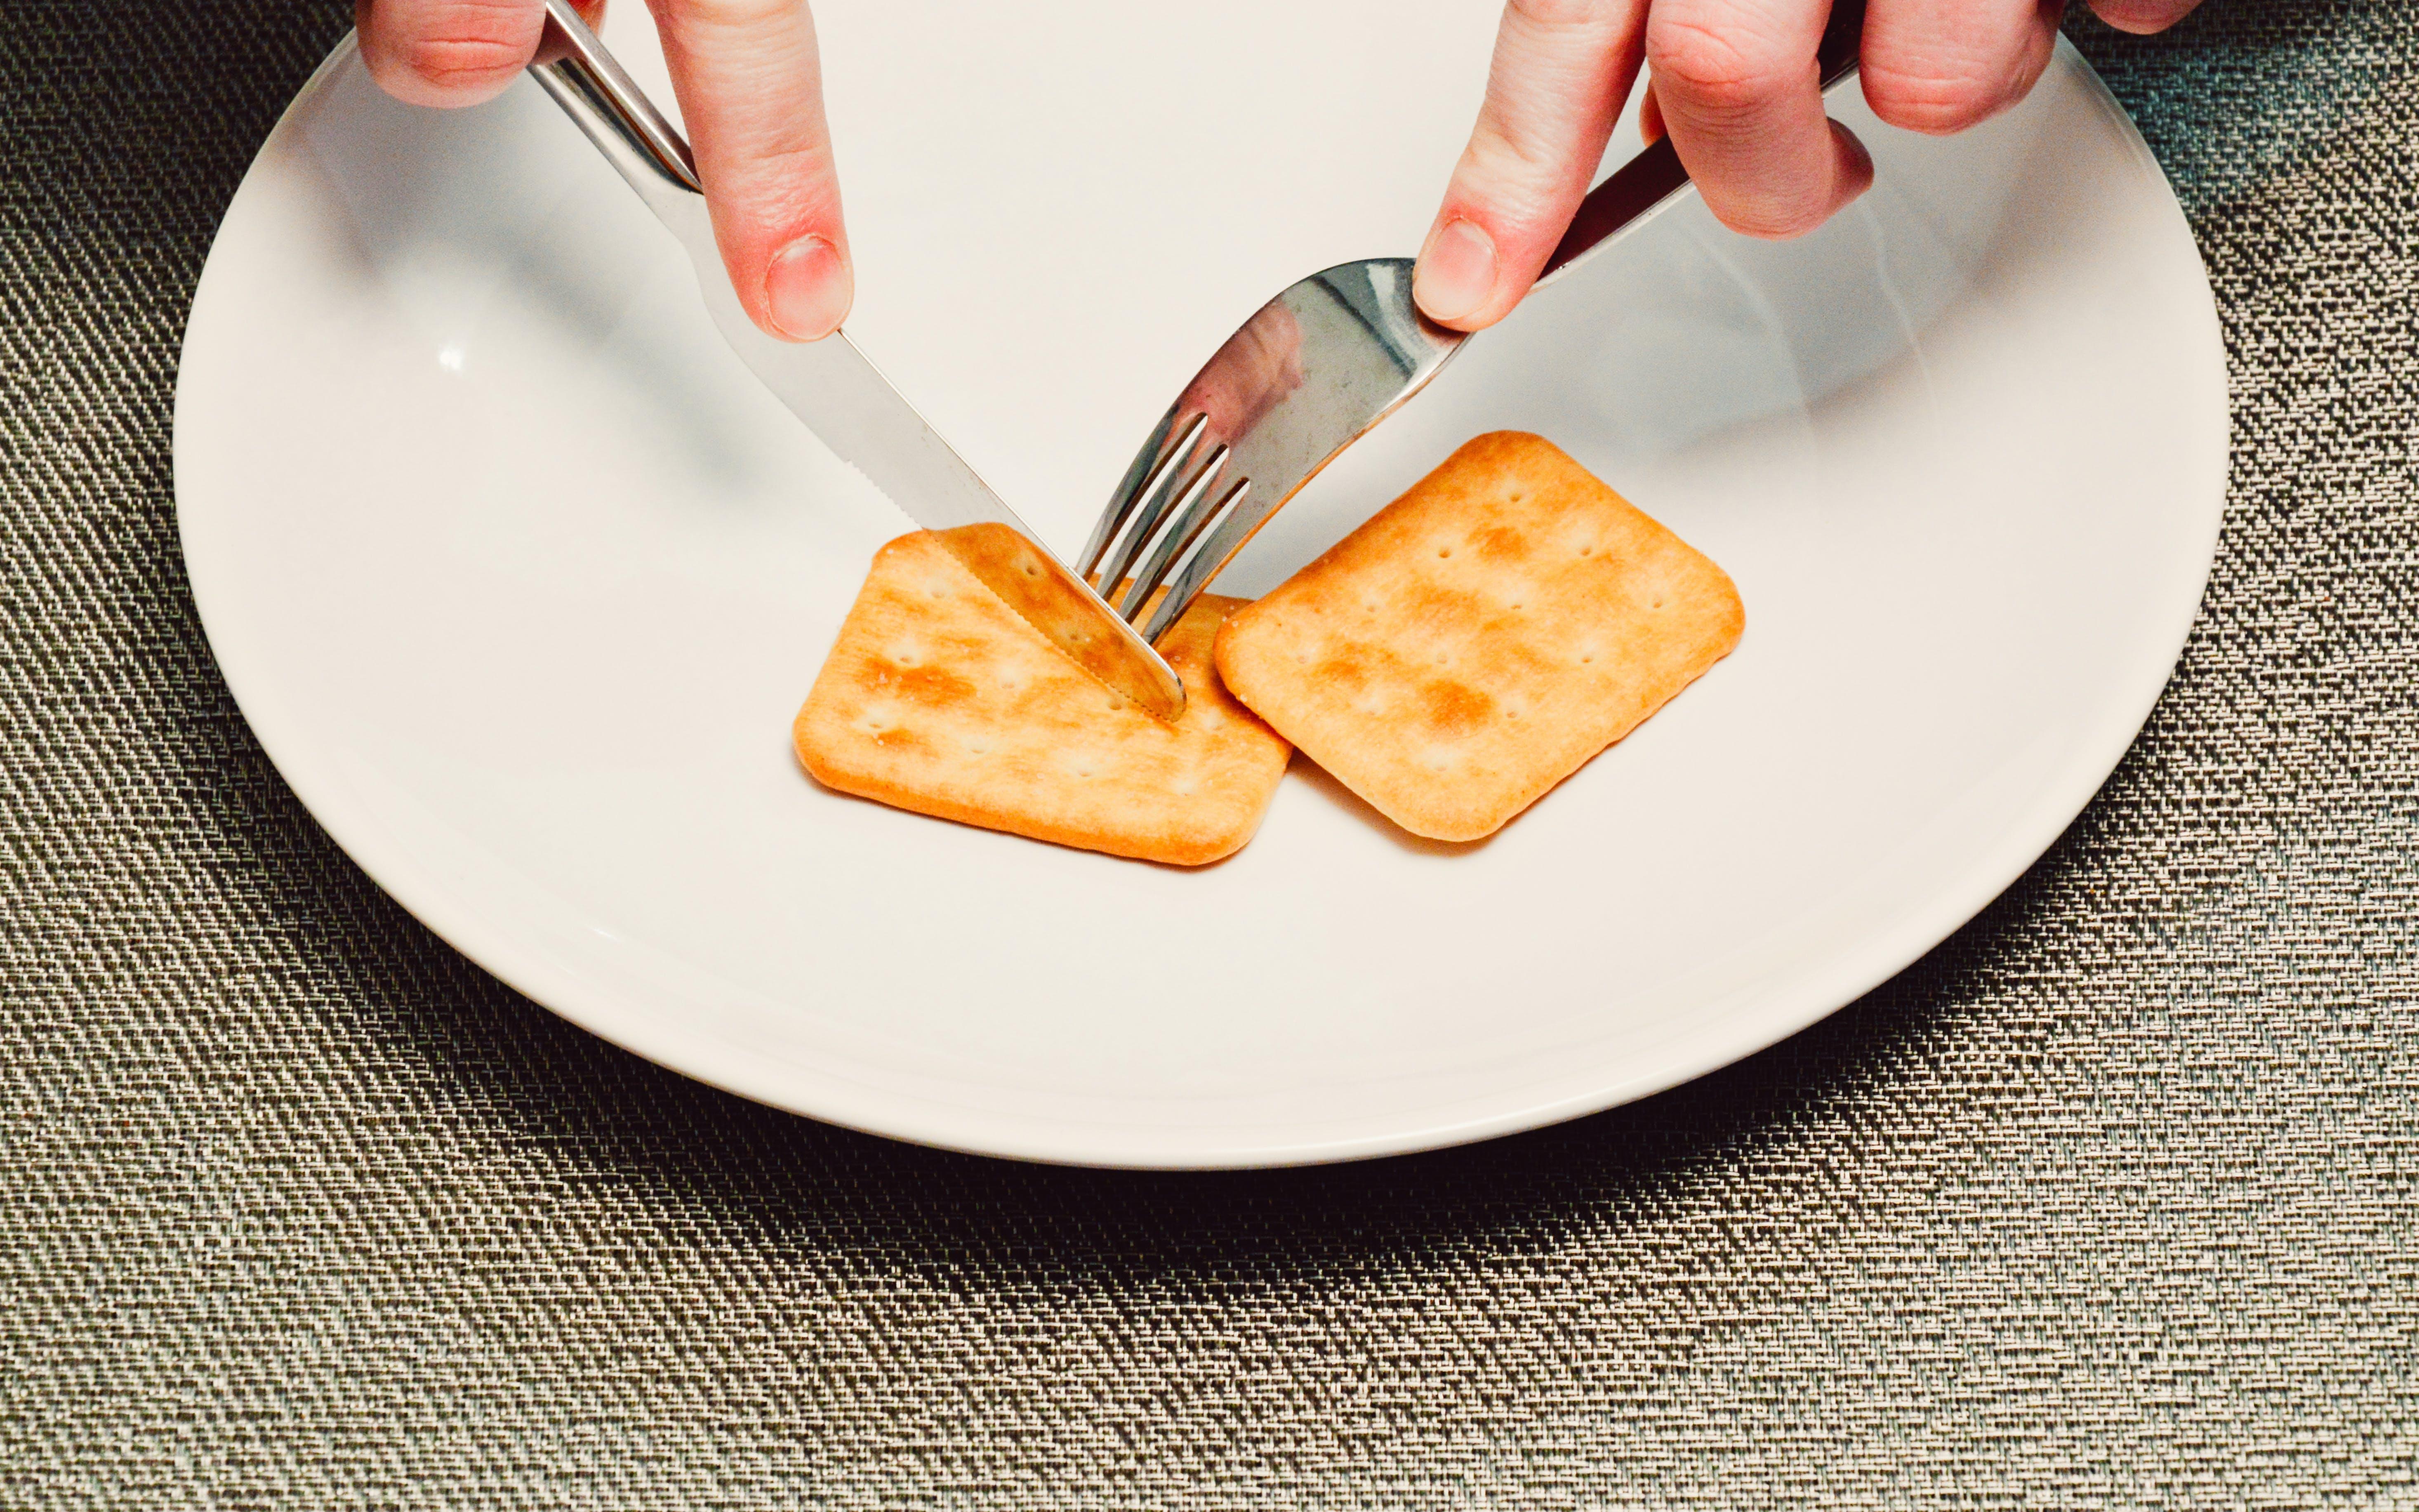 Gratis arkivbilde med gaffel, kjeks, mat, smørkniv